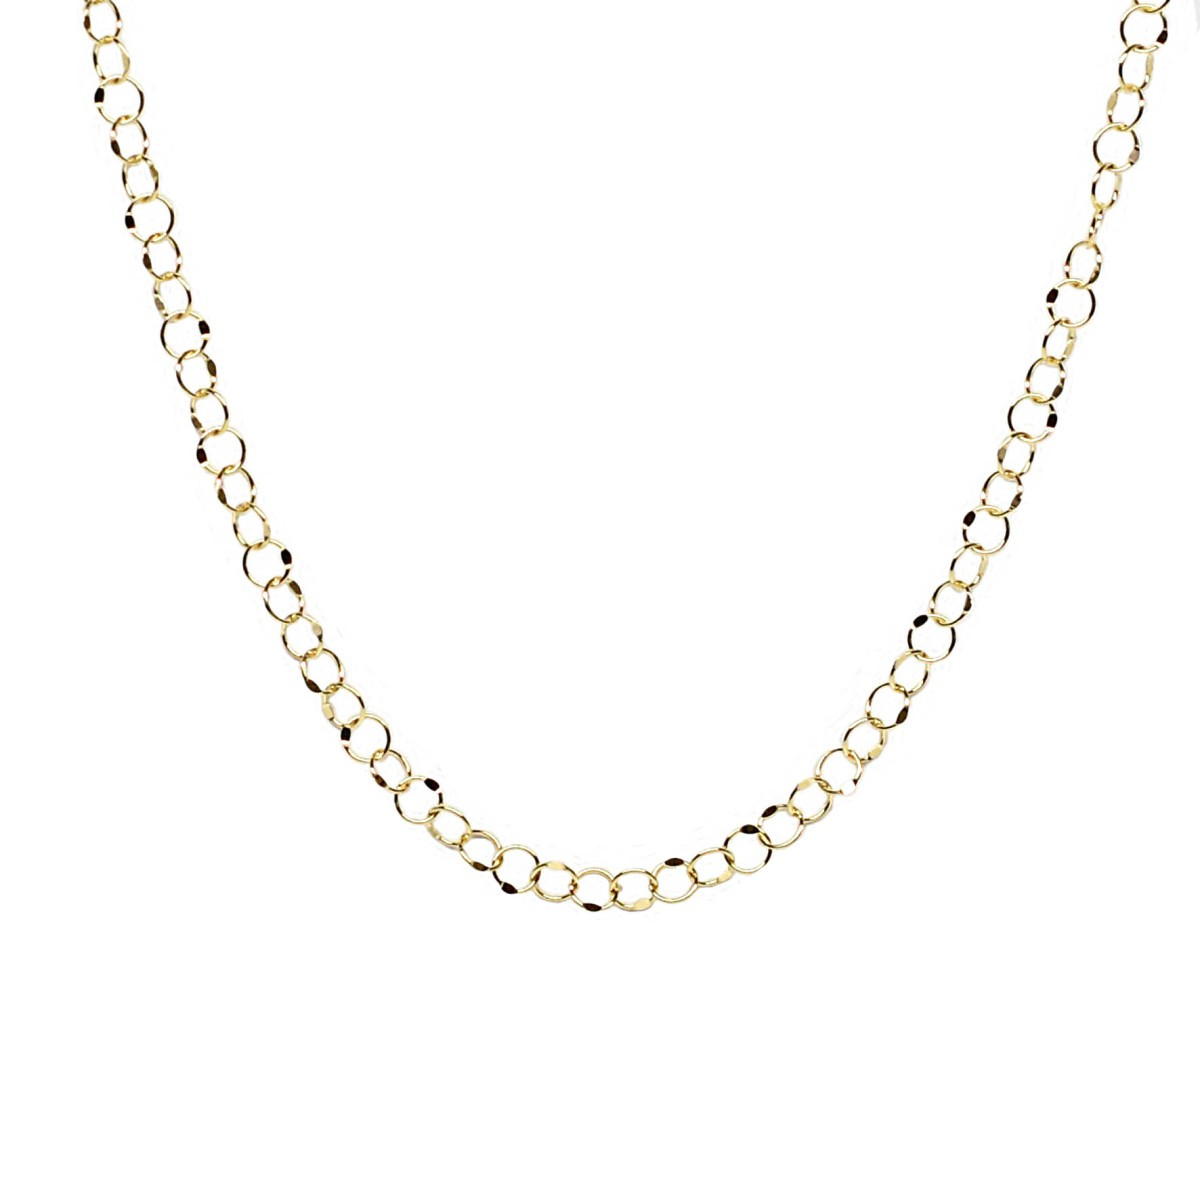 K18 18金 バブルチェーン デザインネックレス 約2.3g 45cm